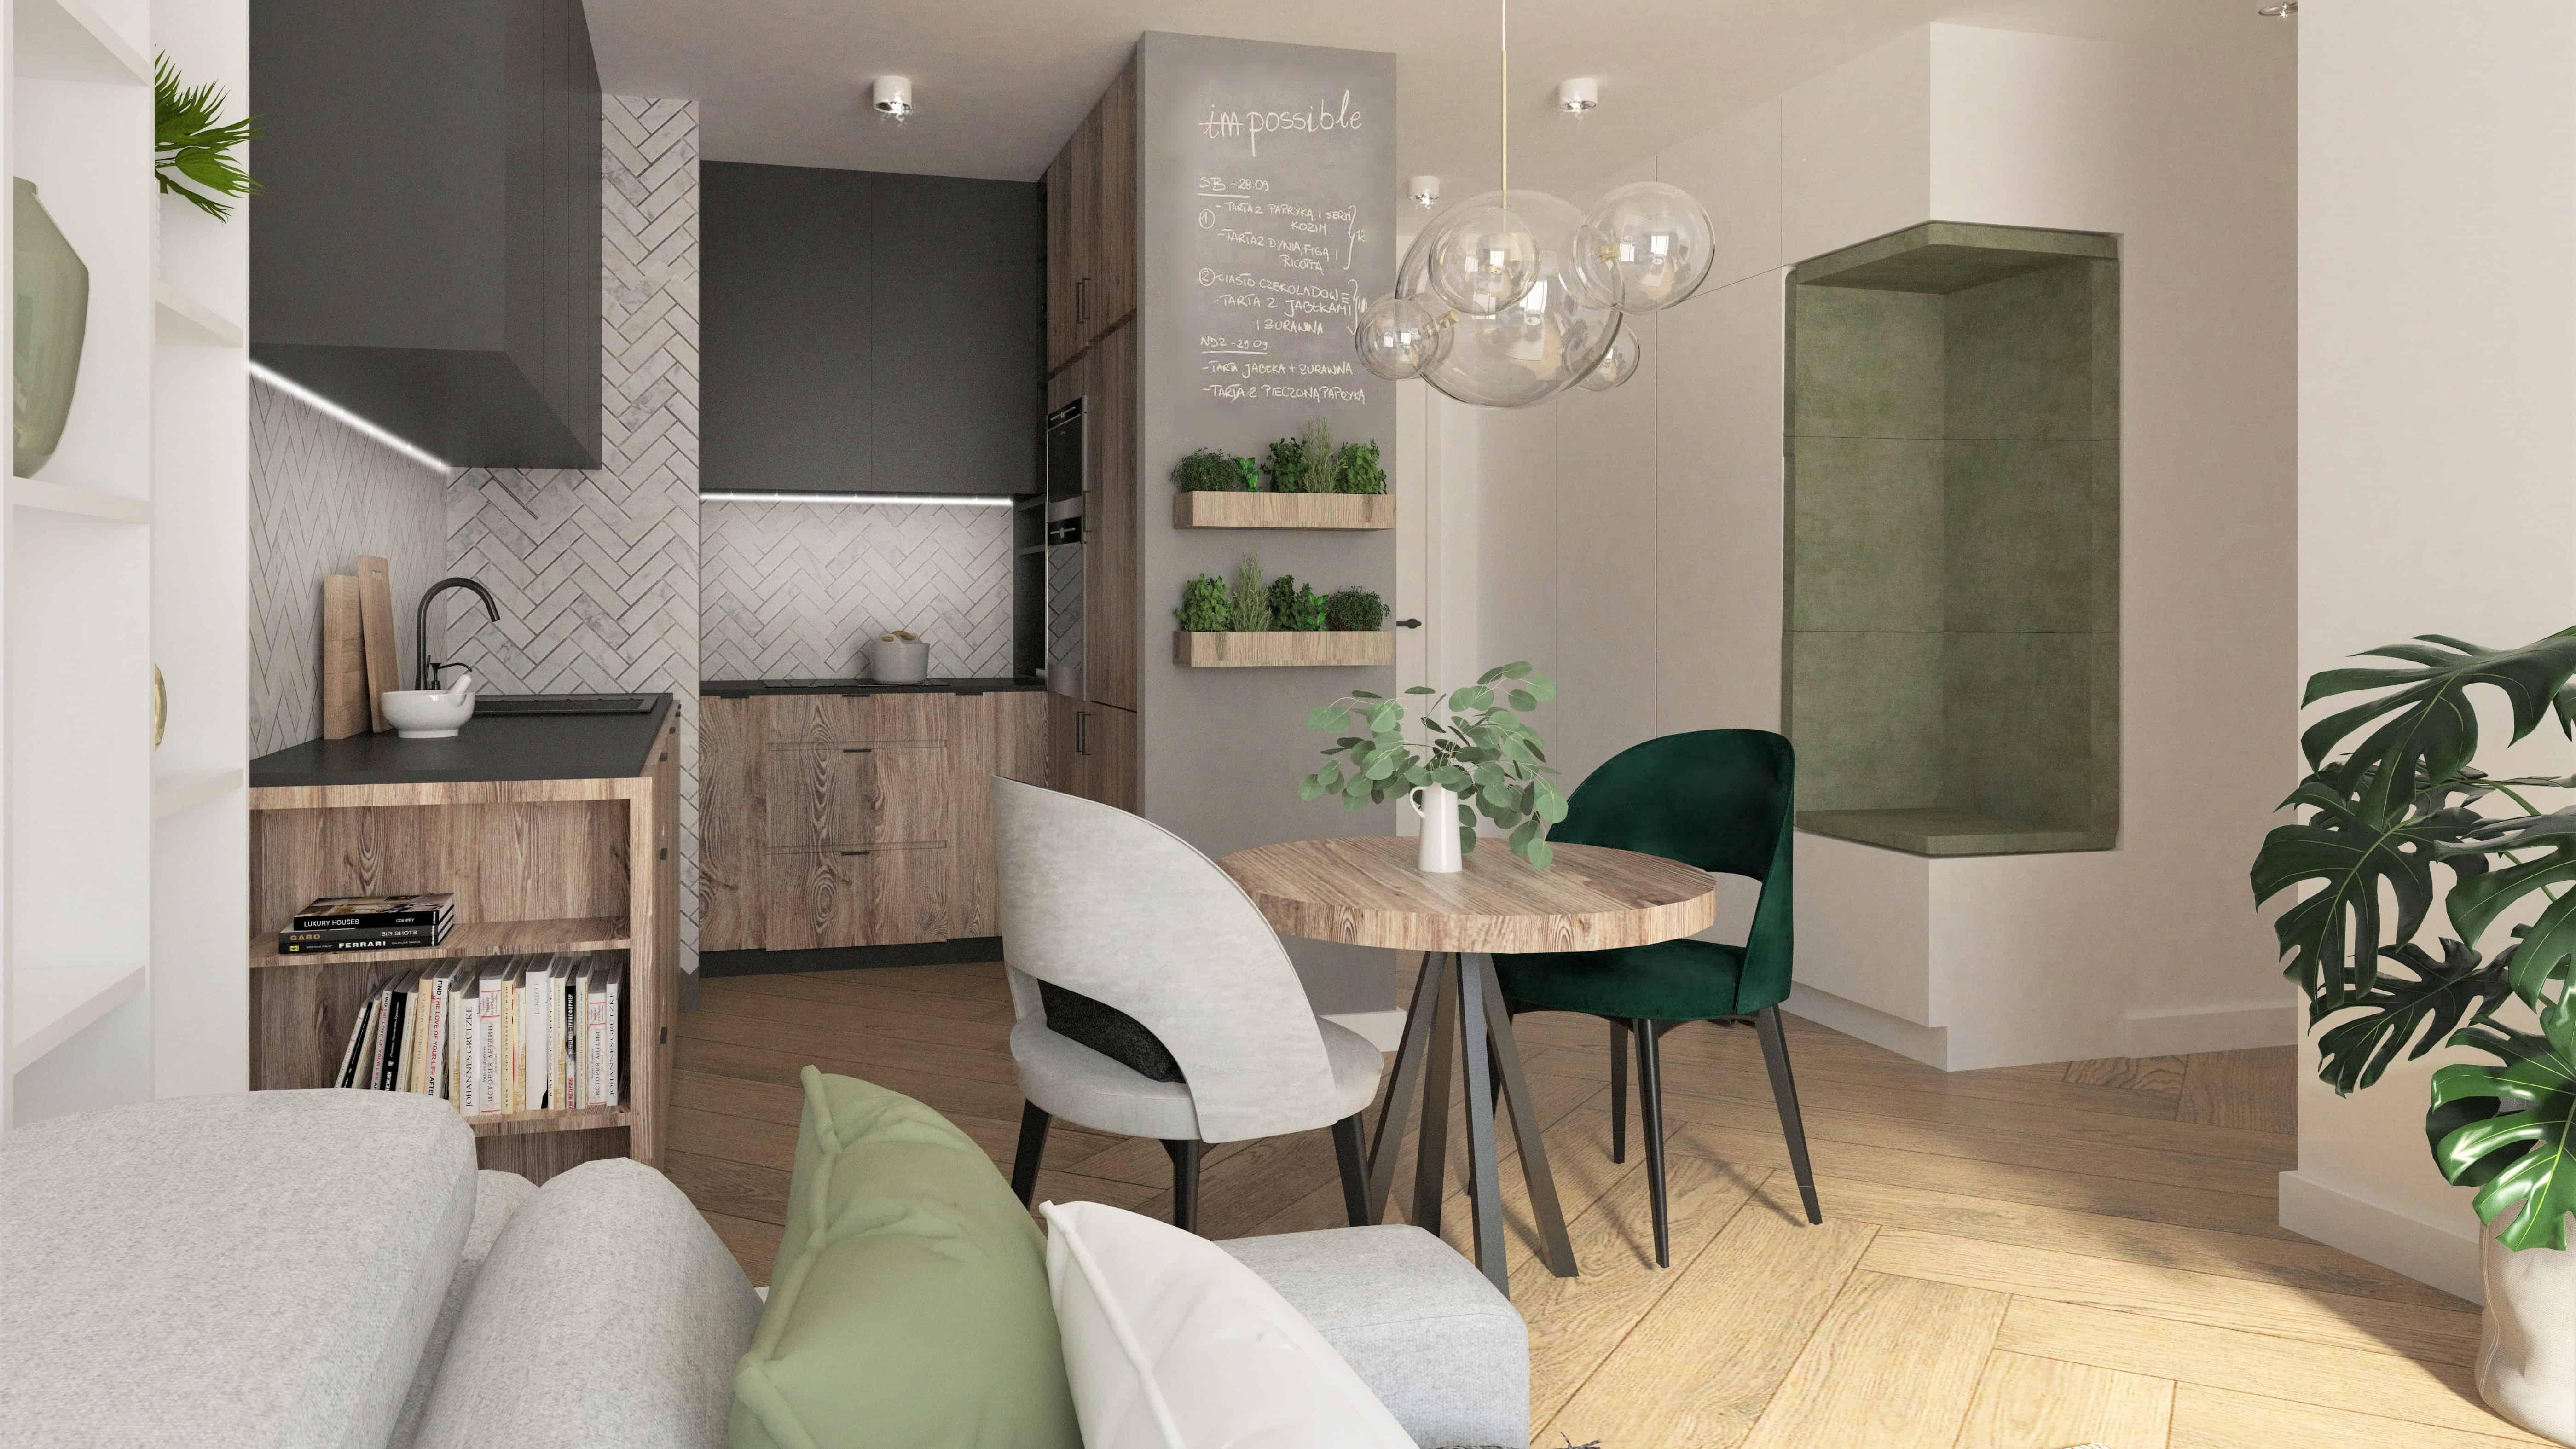 maly stol, salon z jadalnią, zielone dodatki, szafa z siedziskiem